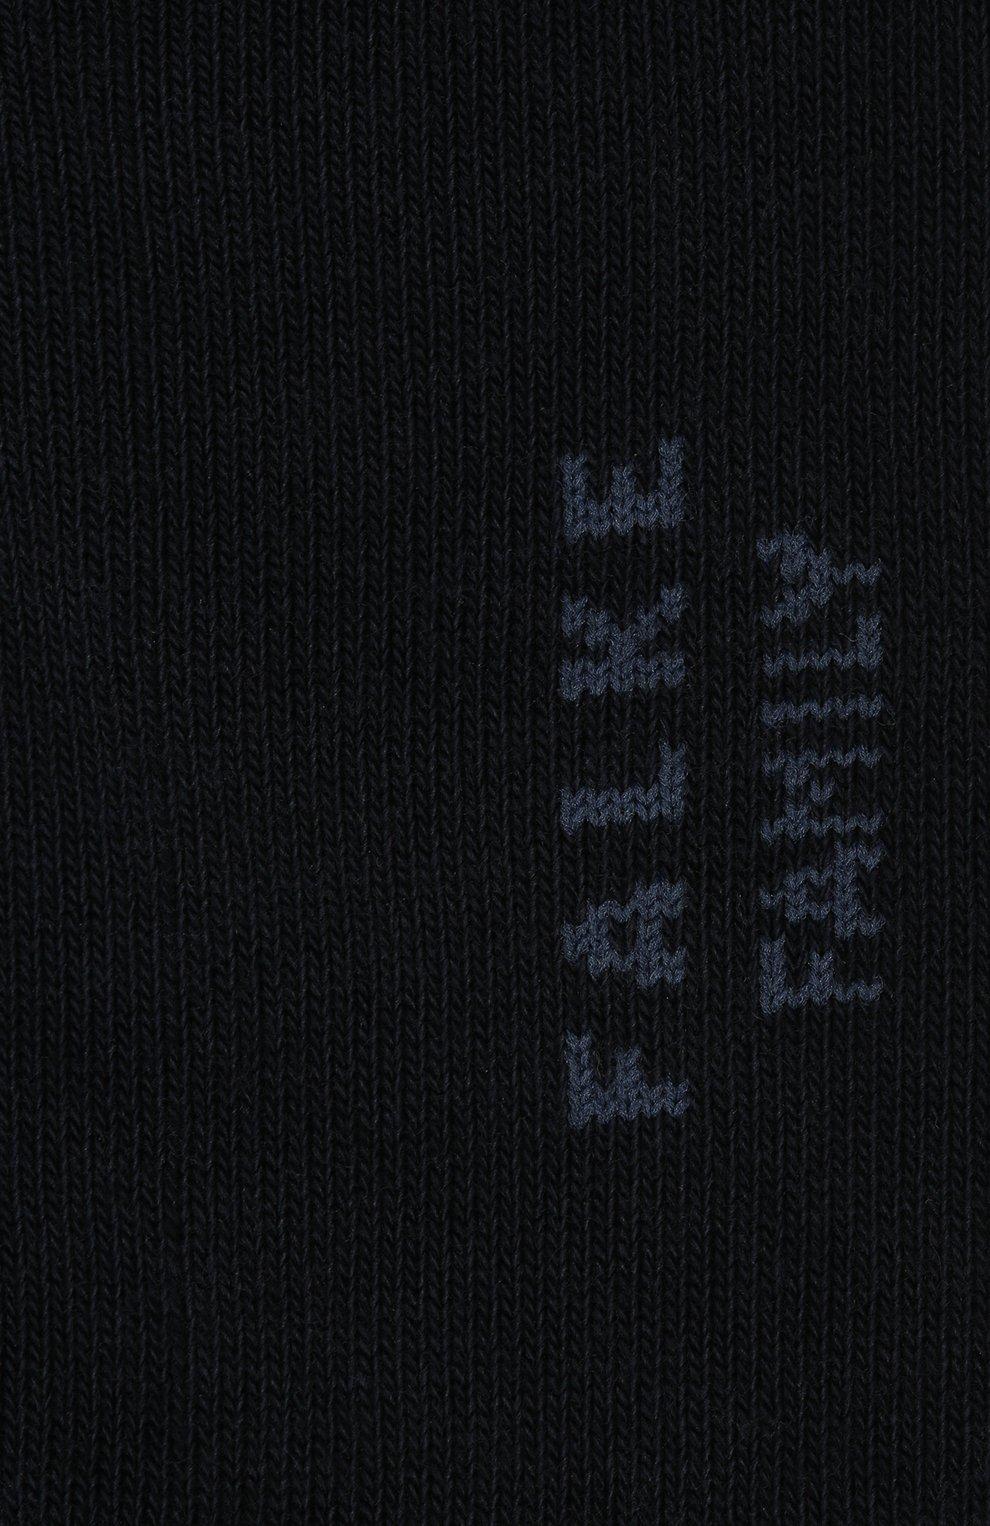 Детские носки FALKE темно-синего цвета, арт. 10631. | Фото 2 (Материал: Текстиль, Хлопок)